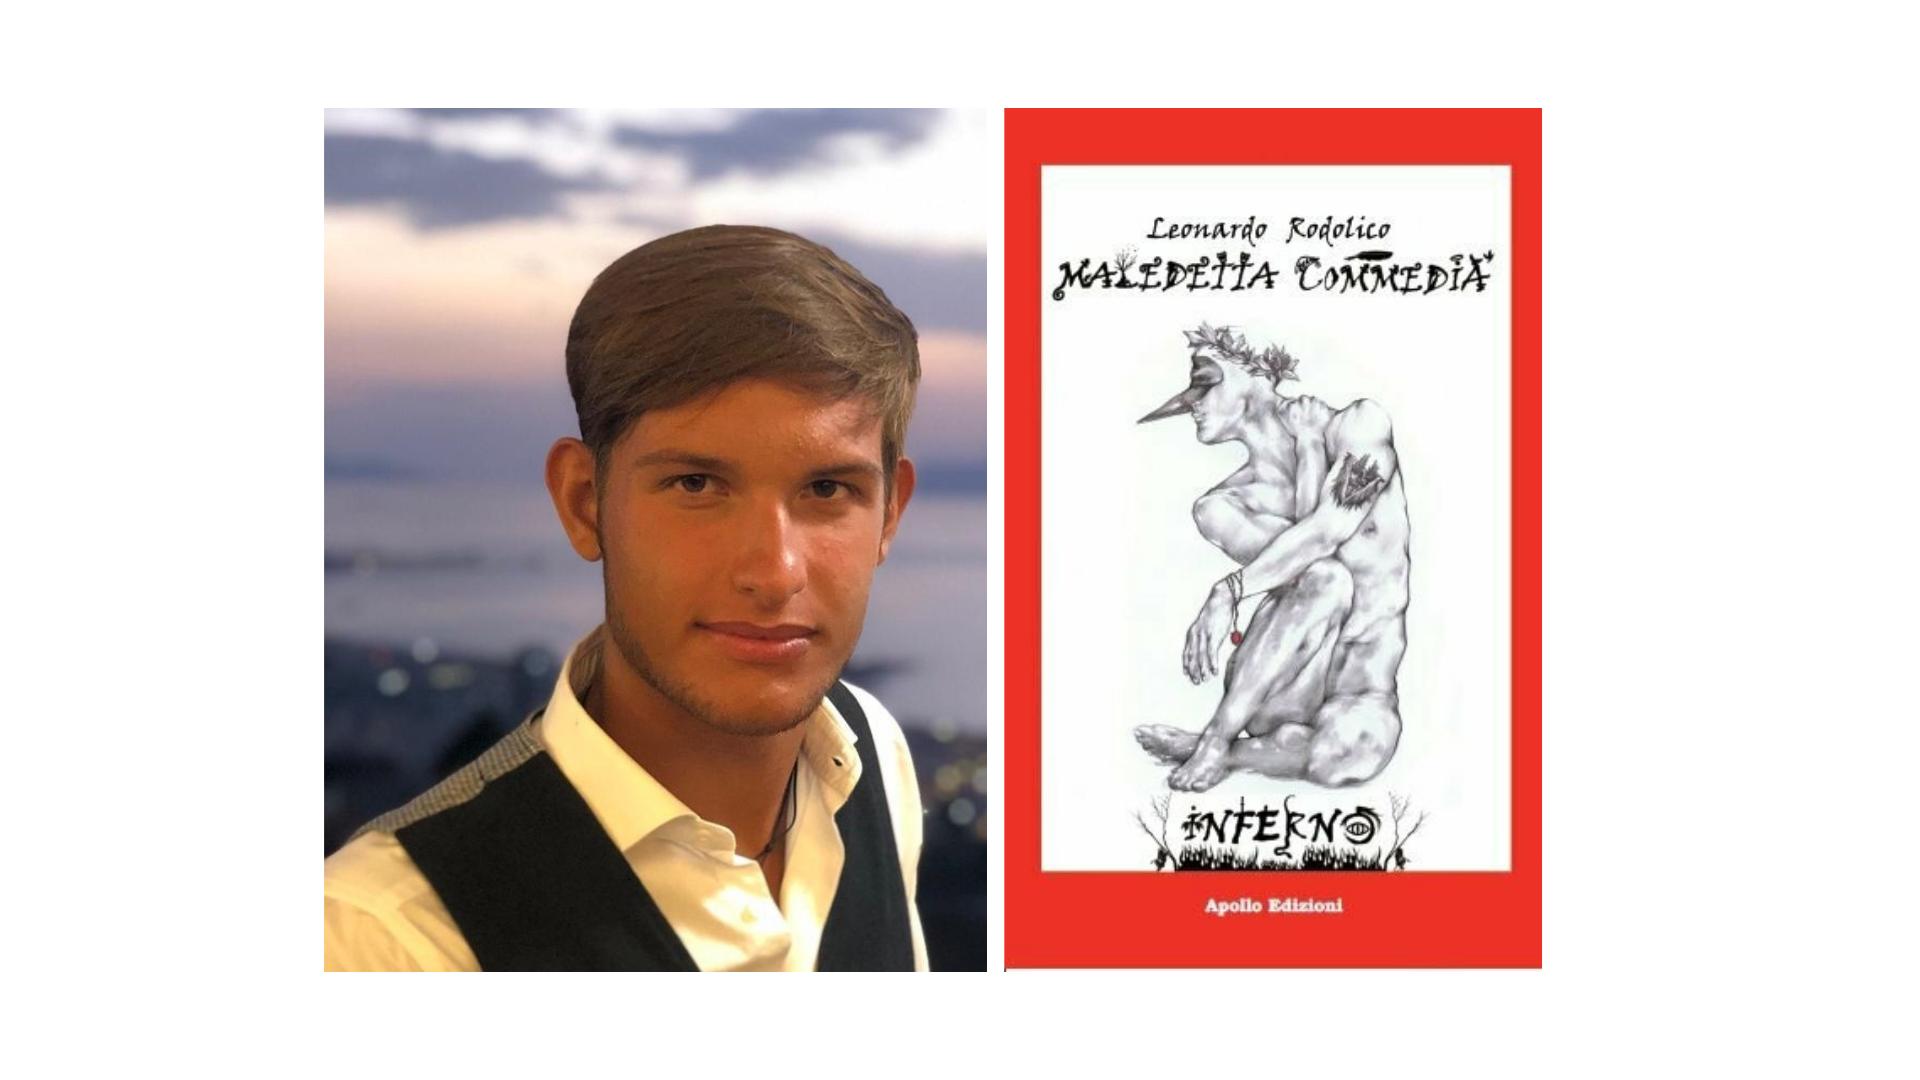 """Leonardo Rodolico, """"Maledetta Commedia - Inferno"""""""